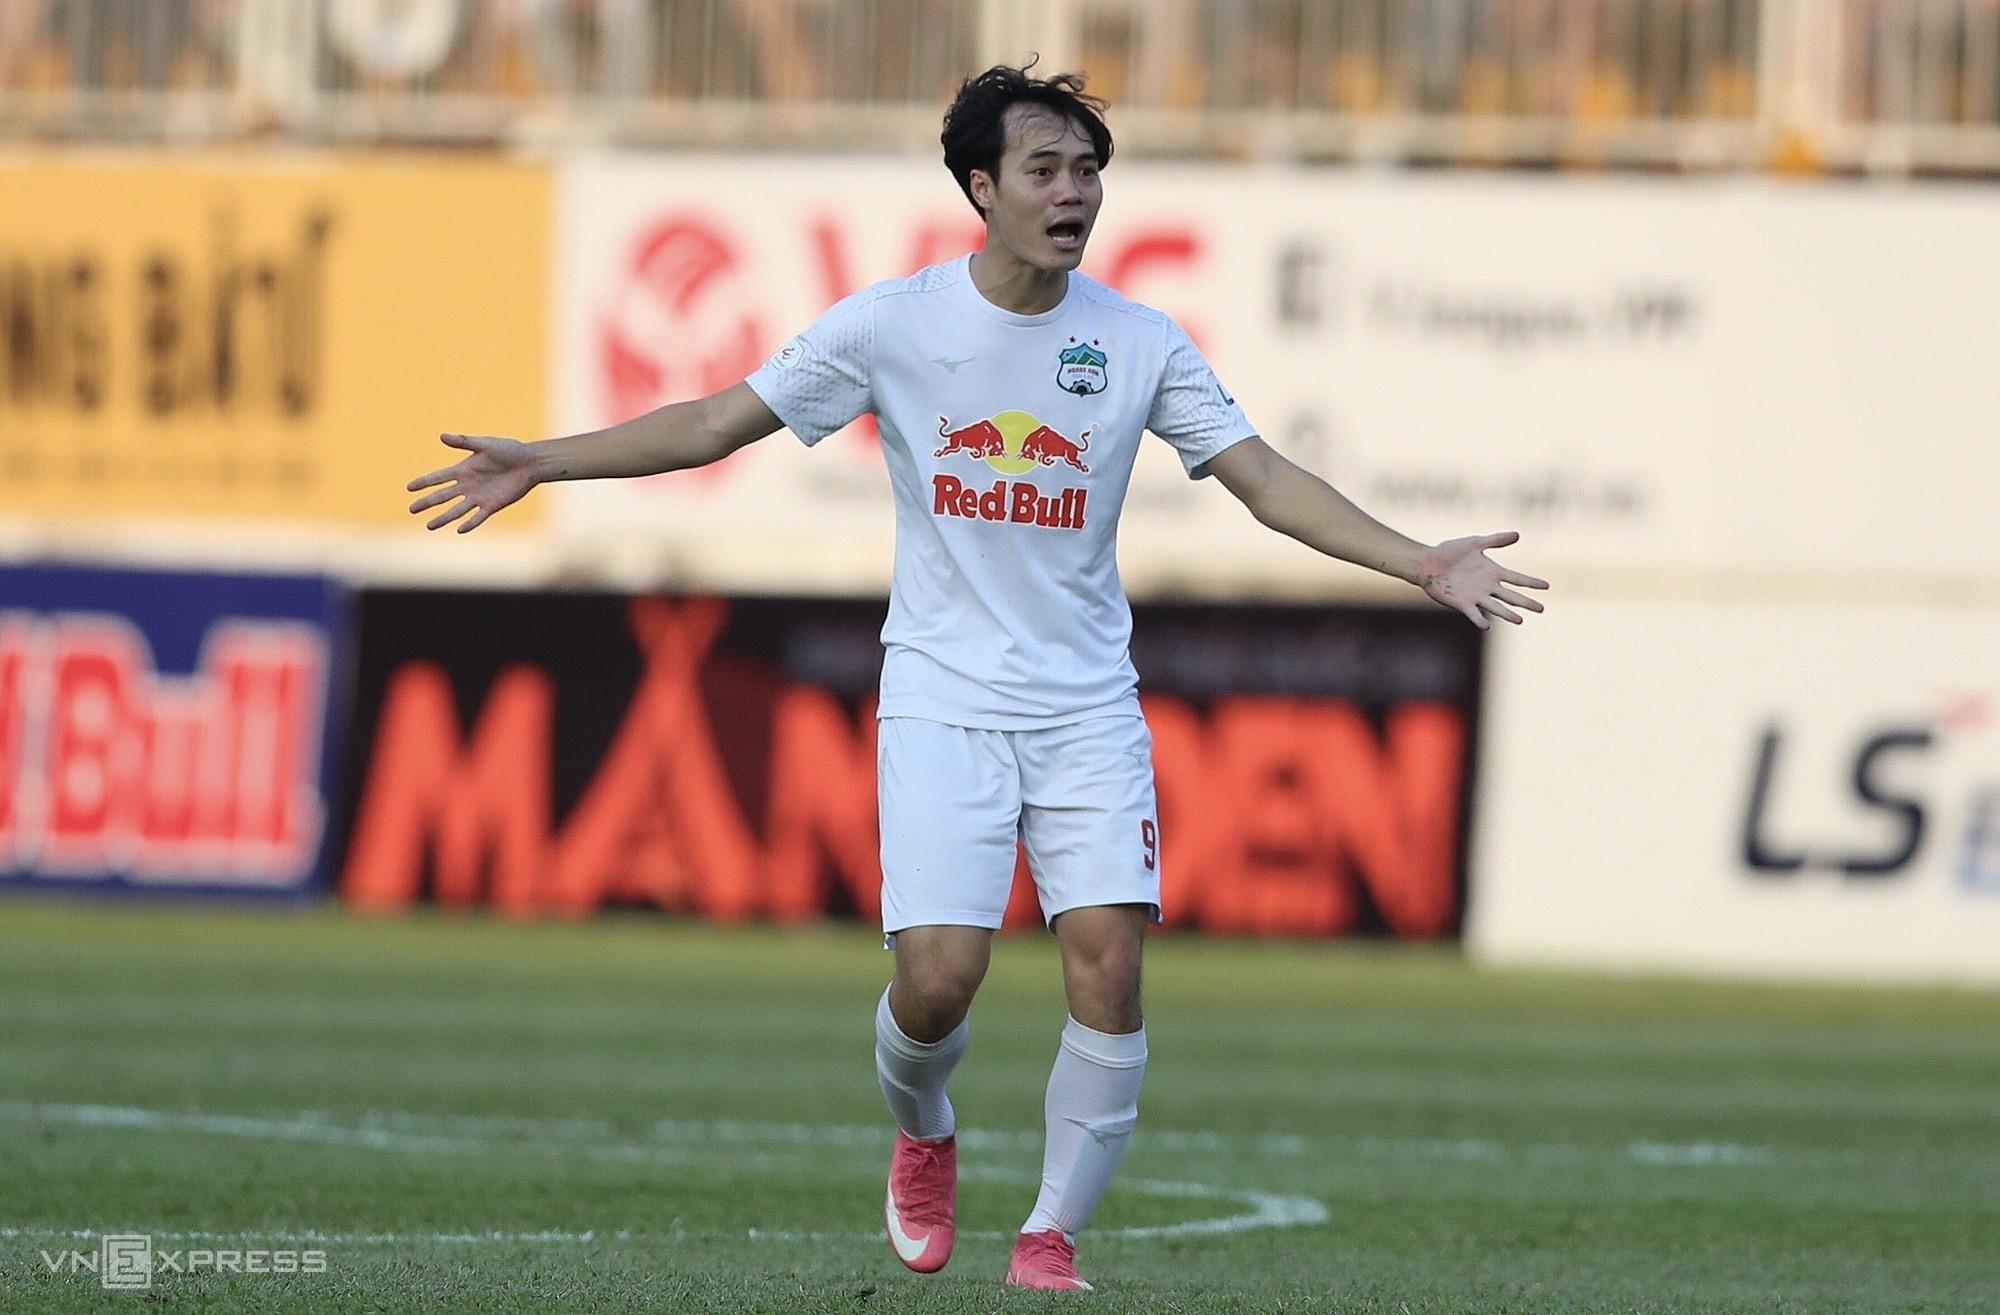 Van Toan mencetak sepatunya pada sembilan gol dalam 10 pertandingan musim ini.  Foto: Duc Dong